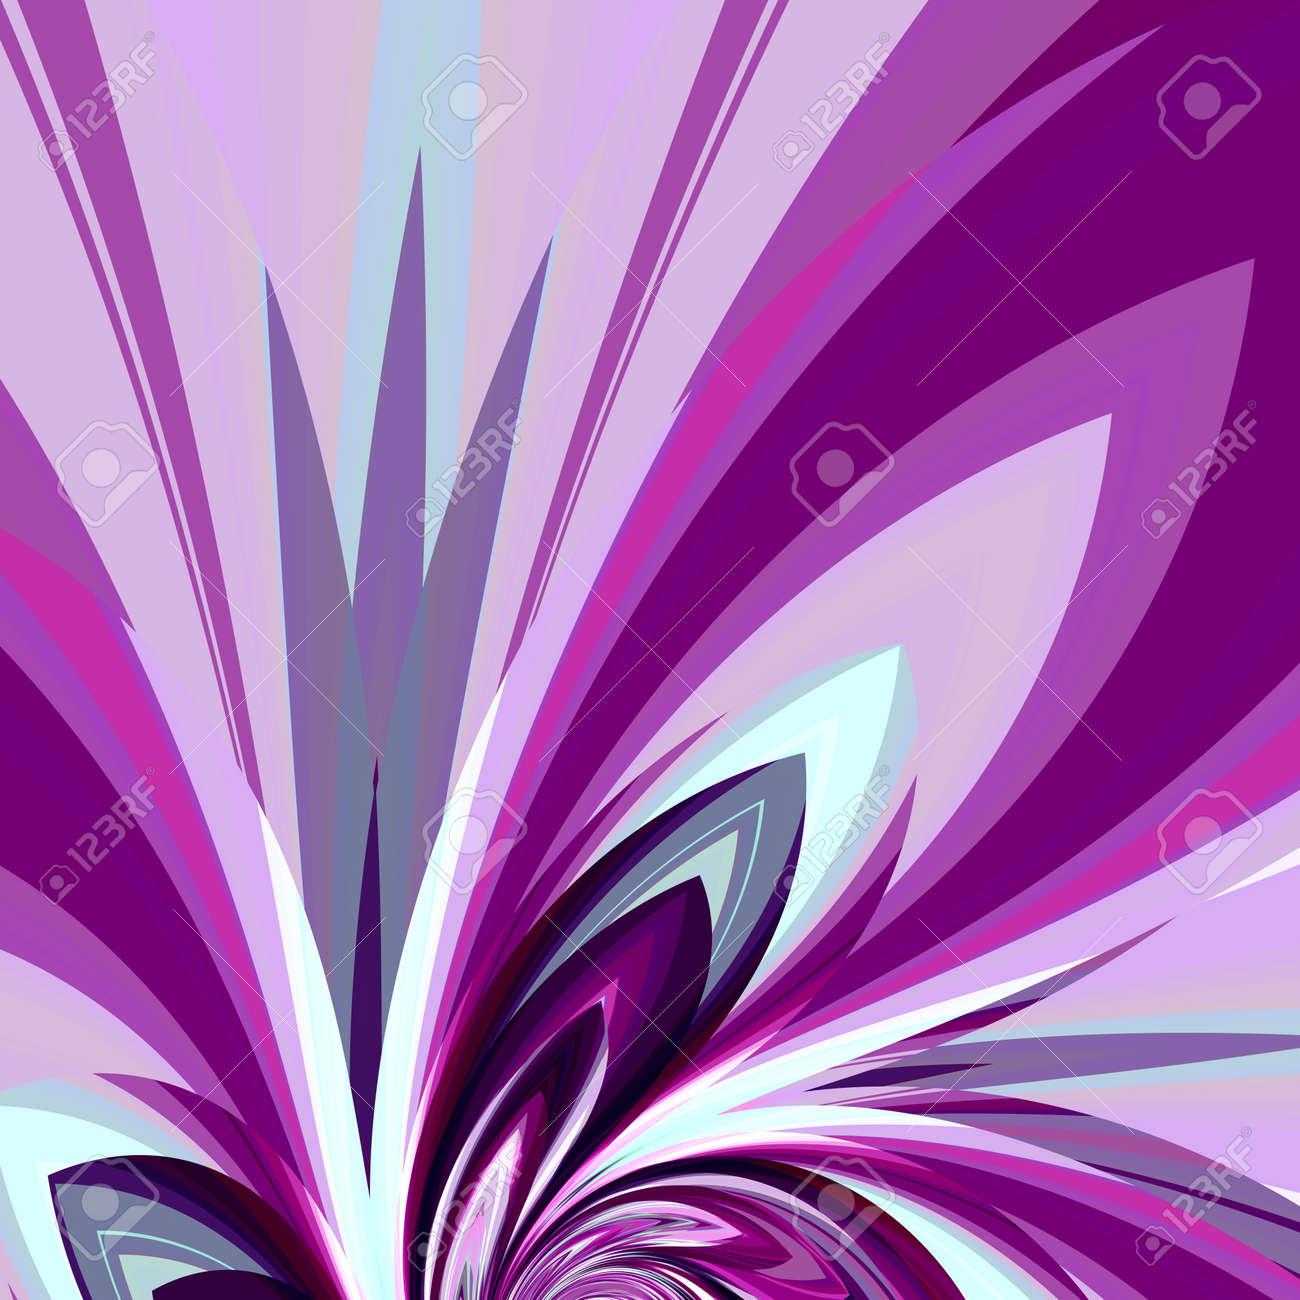 Art Diseño Ilustración Para La Tarjeta De Invitación Resumen De Antecedentes Elemento De Fantasía Digital Imagen De La Hermosa Flor Abstracción